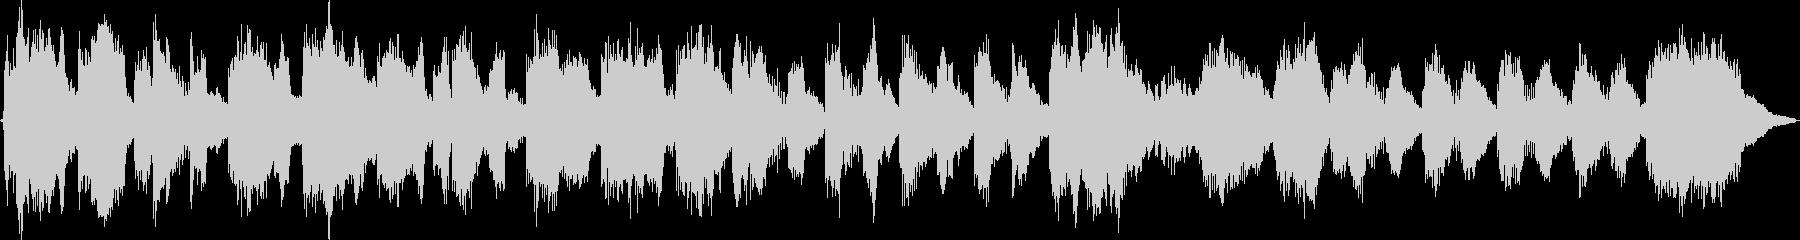 ポップなジングル(マーチ風)の未再生の波形